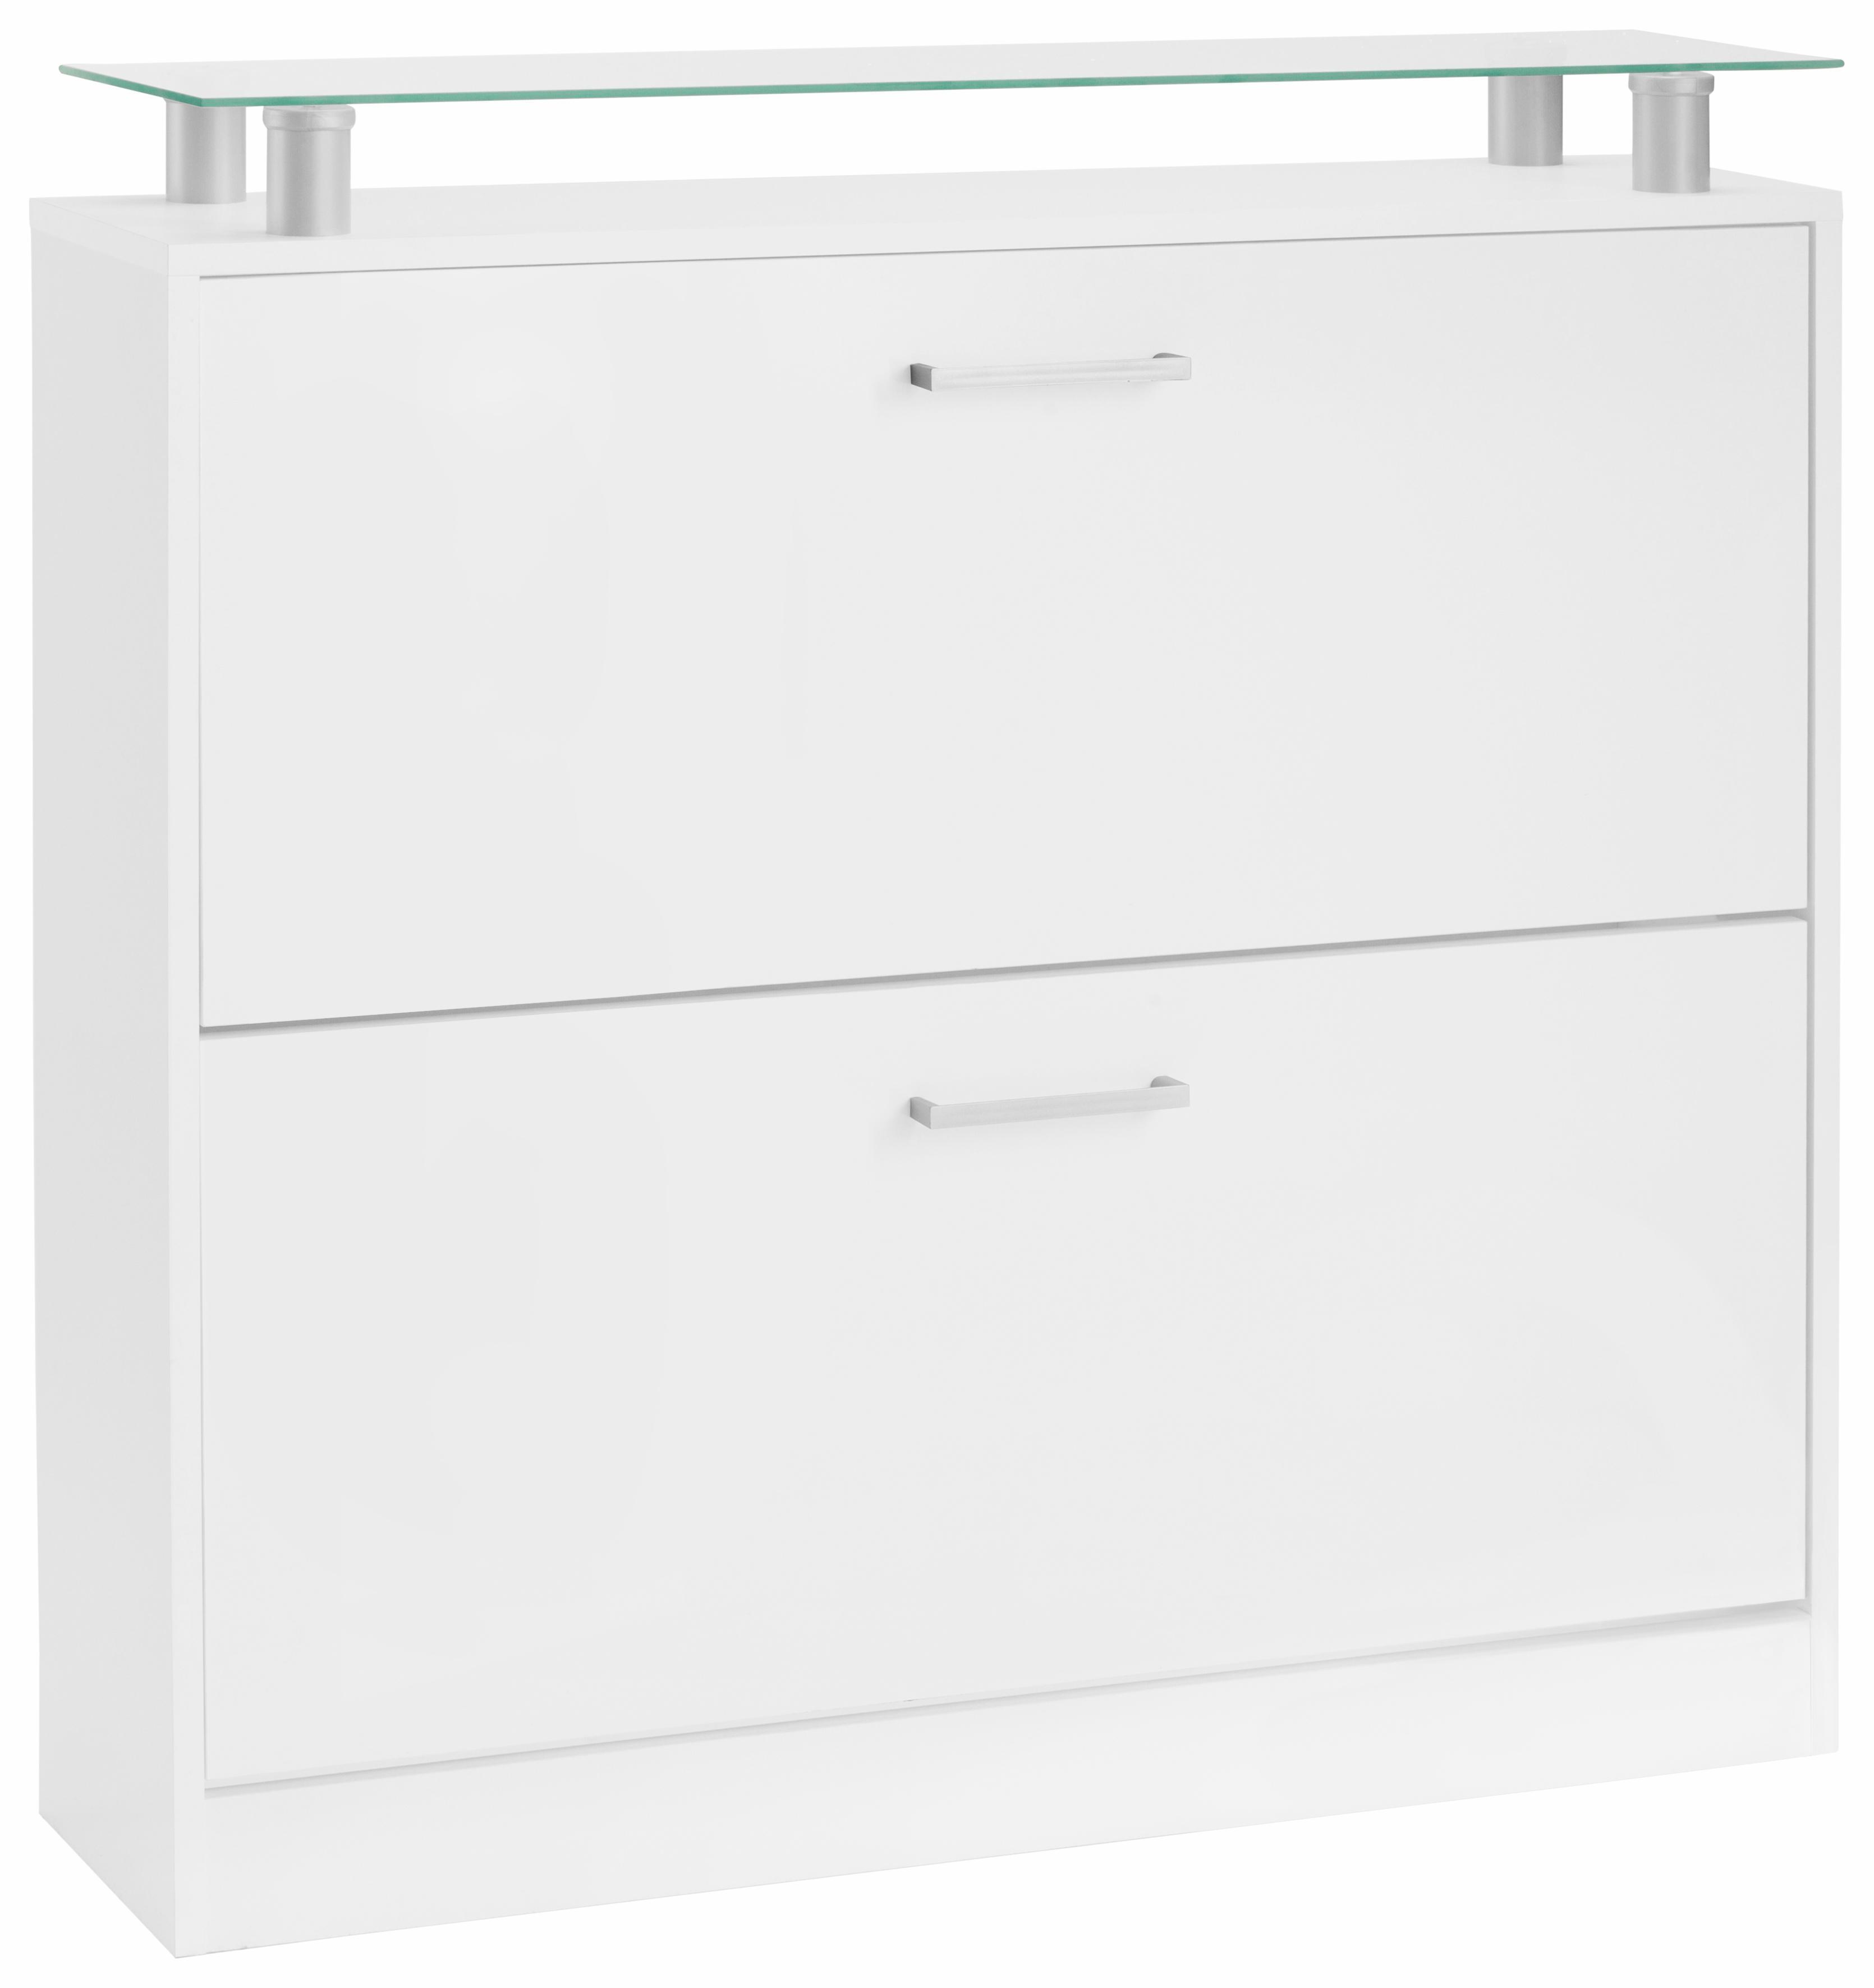 borchardt Möbel Schuhschrank »Finn«, Breite 89 cm, mit Glasablage günstig online kaufen